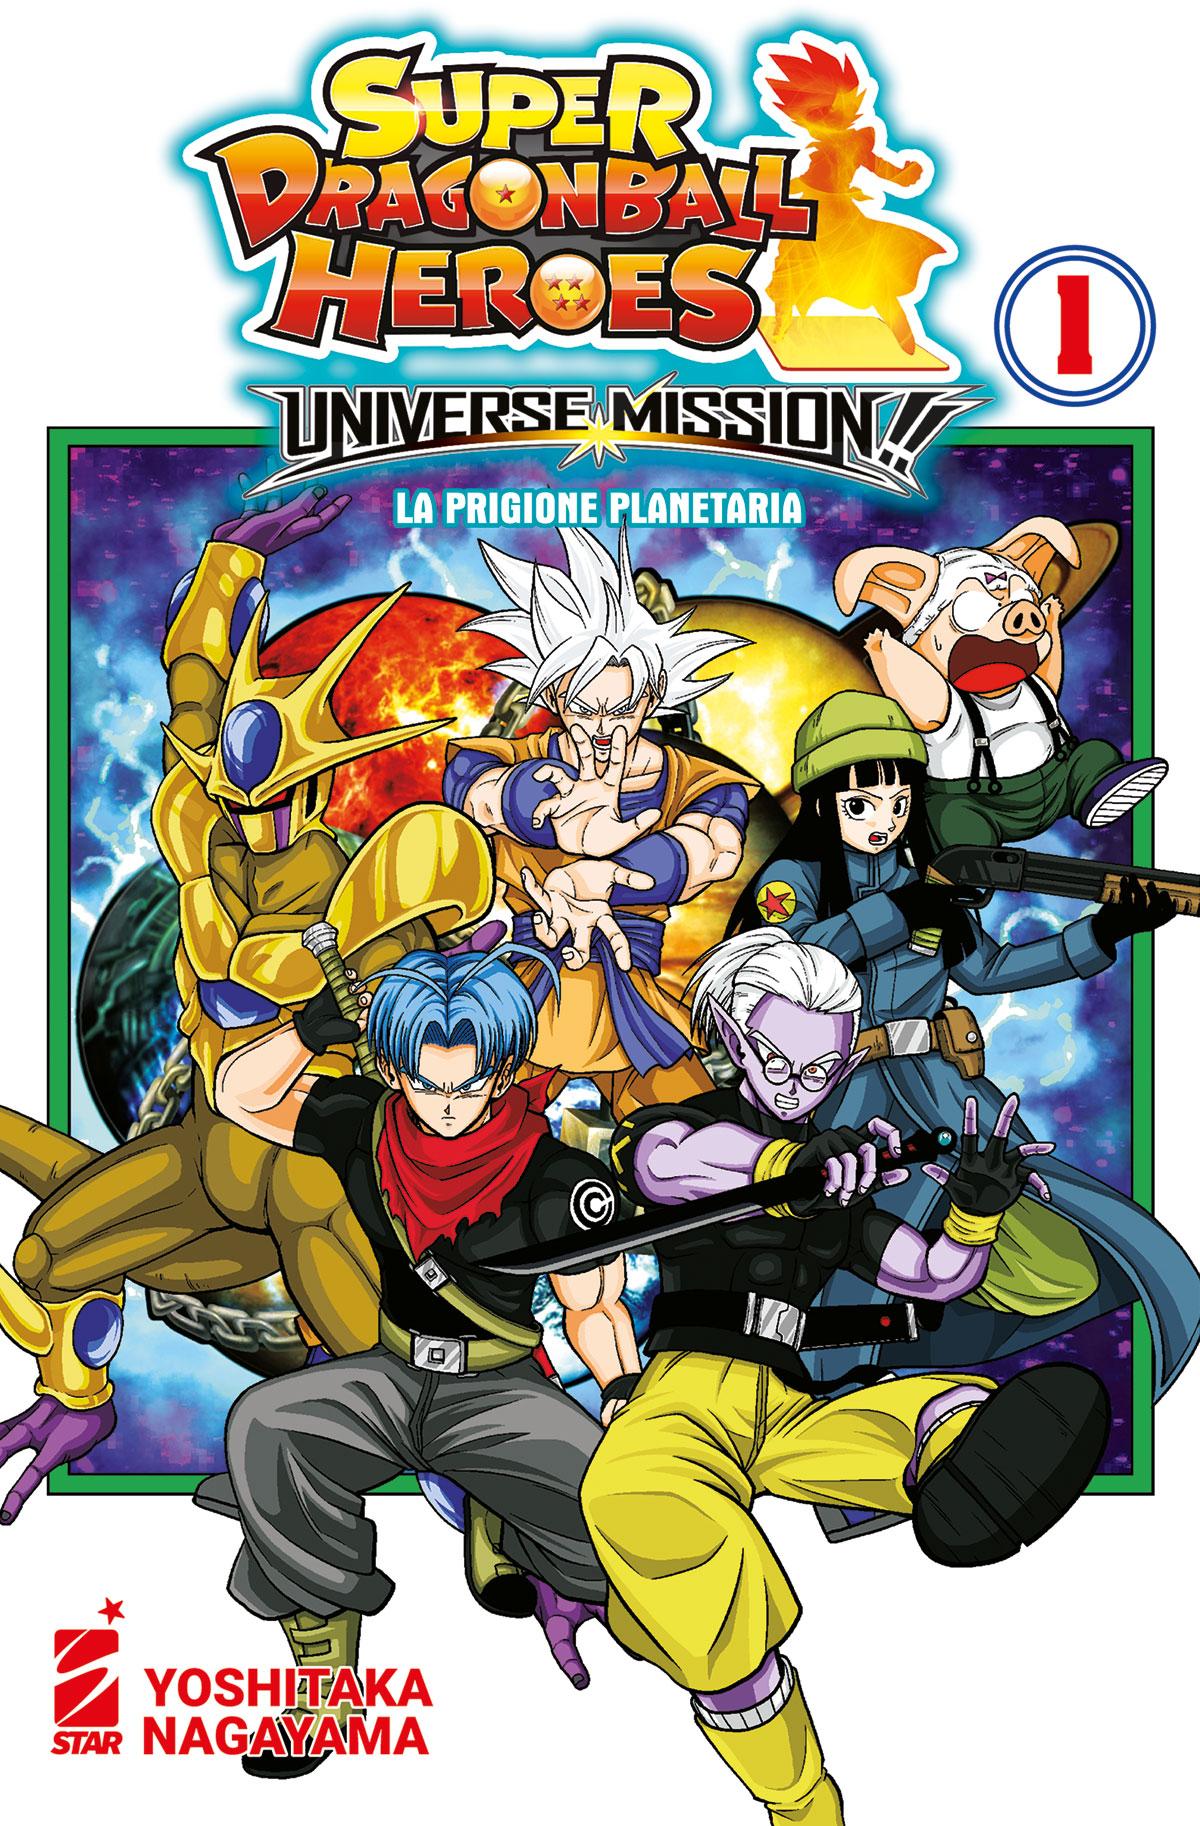 db universal mission1